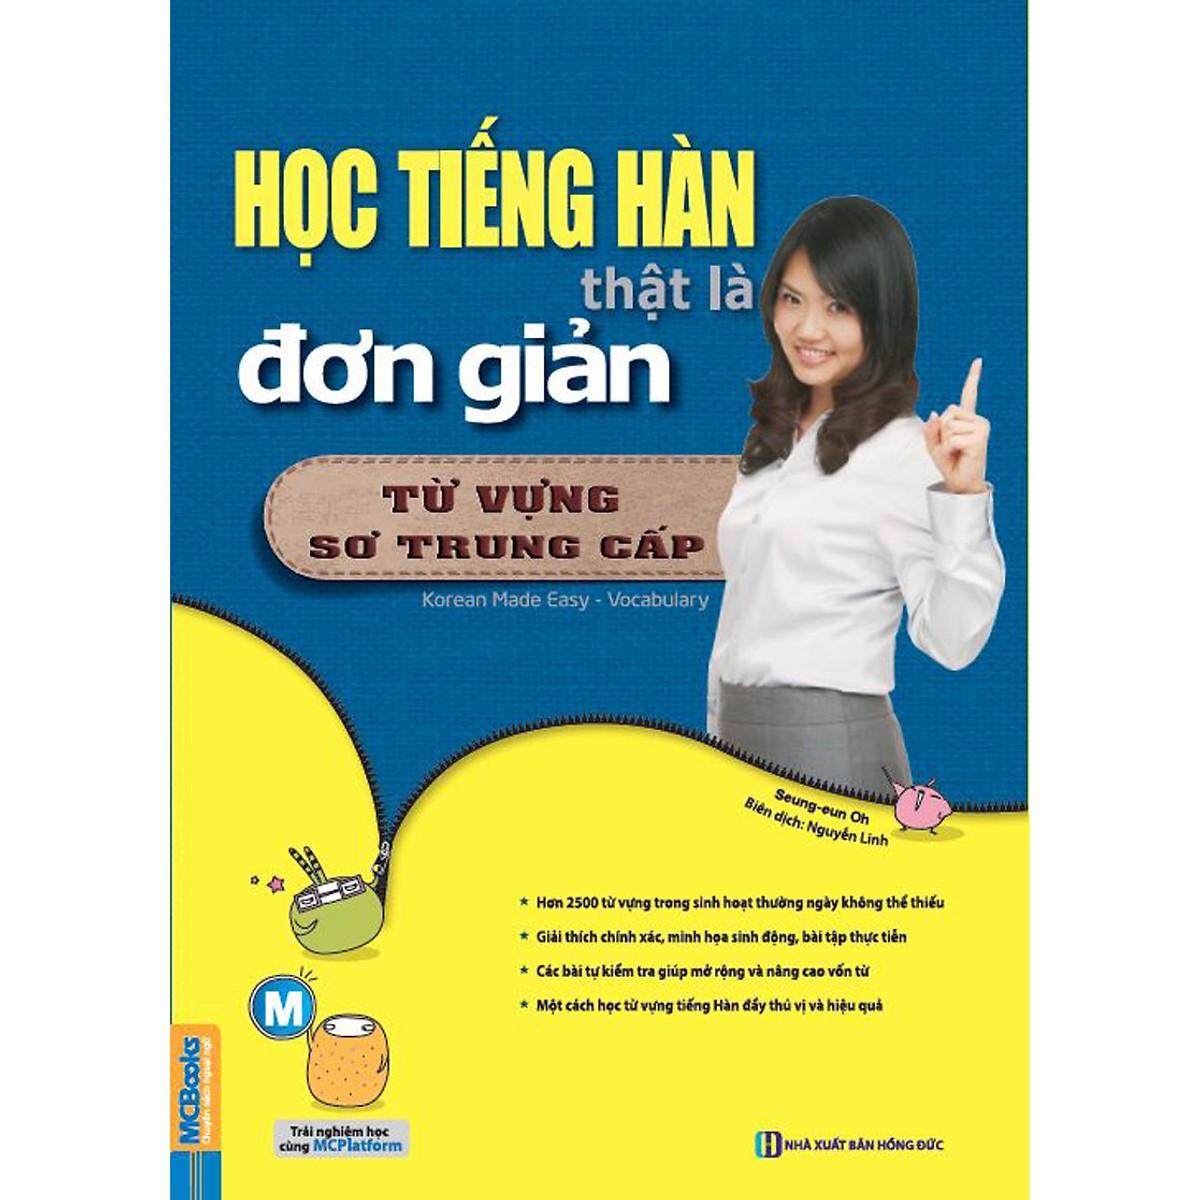 Học Tiếng Hàn Thật Đơn Giản - Từ Vựng Trình Độ Sơ Trung Cấp ( tặng kèm bookmark ngẫu nhiên)